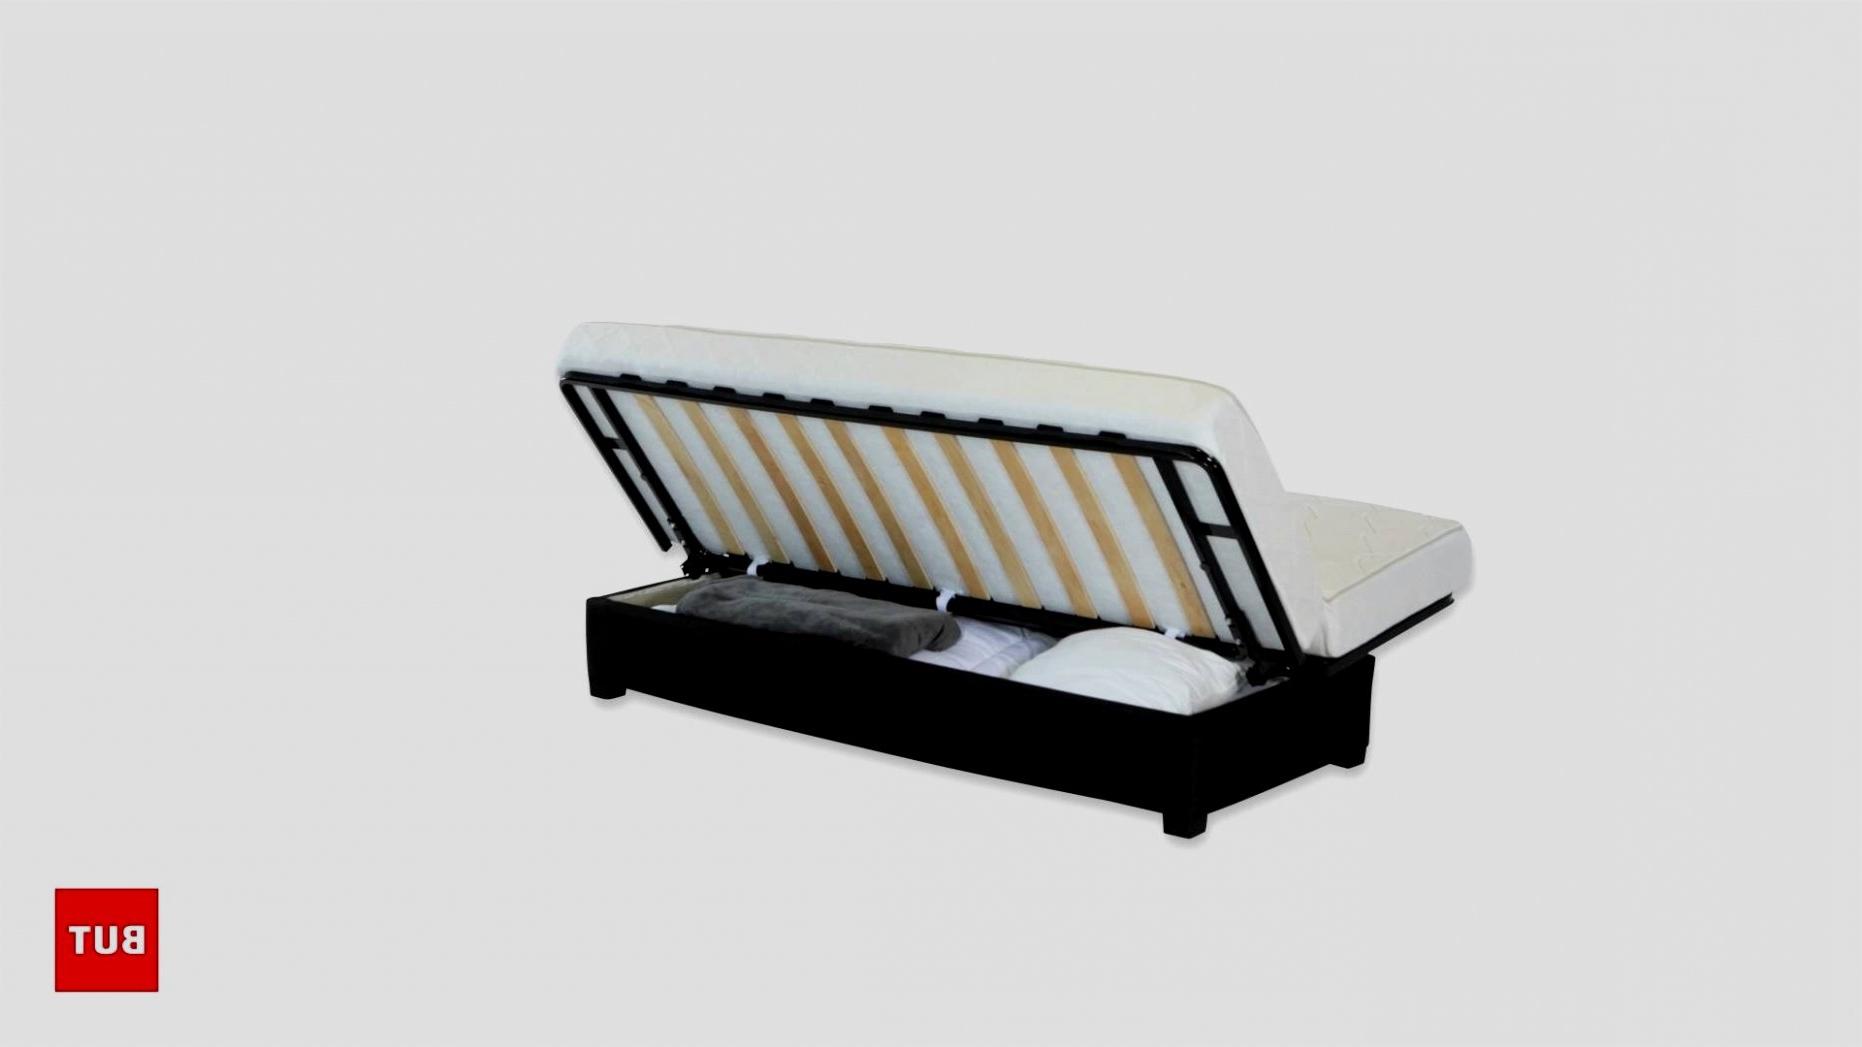 Ikea sofas Camas Wddj sofa Cama Conforama Famoso Gartenmbel Conforama Finest Best